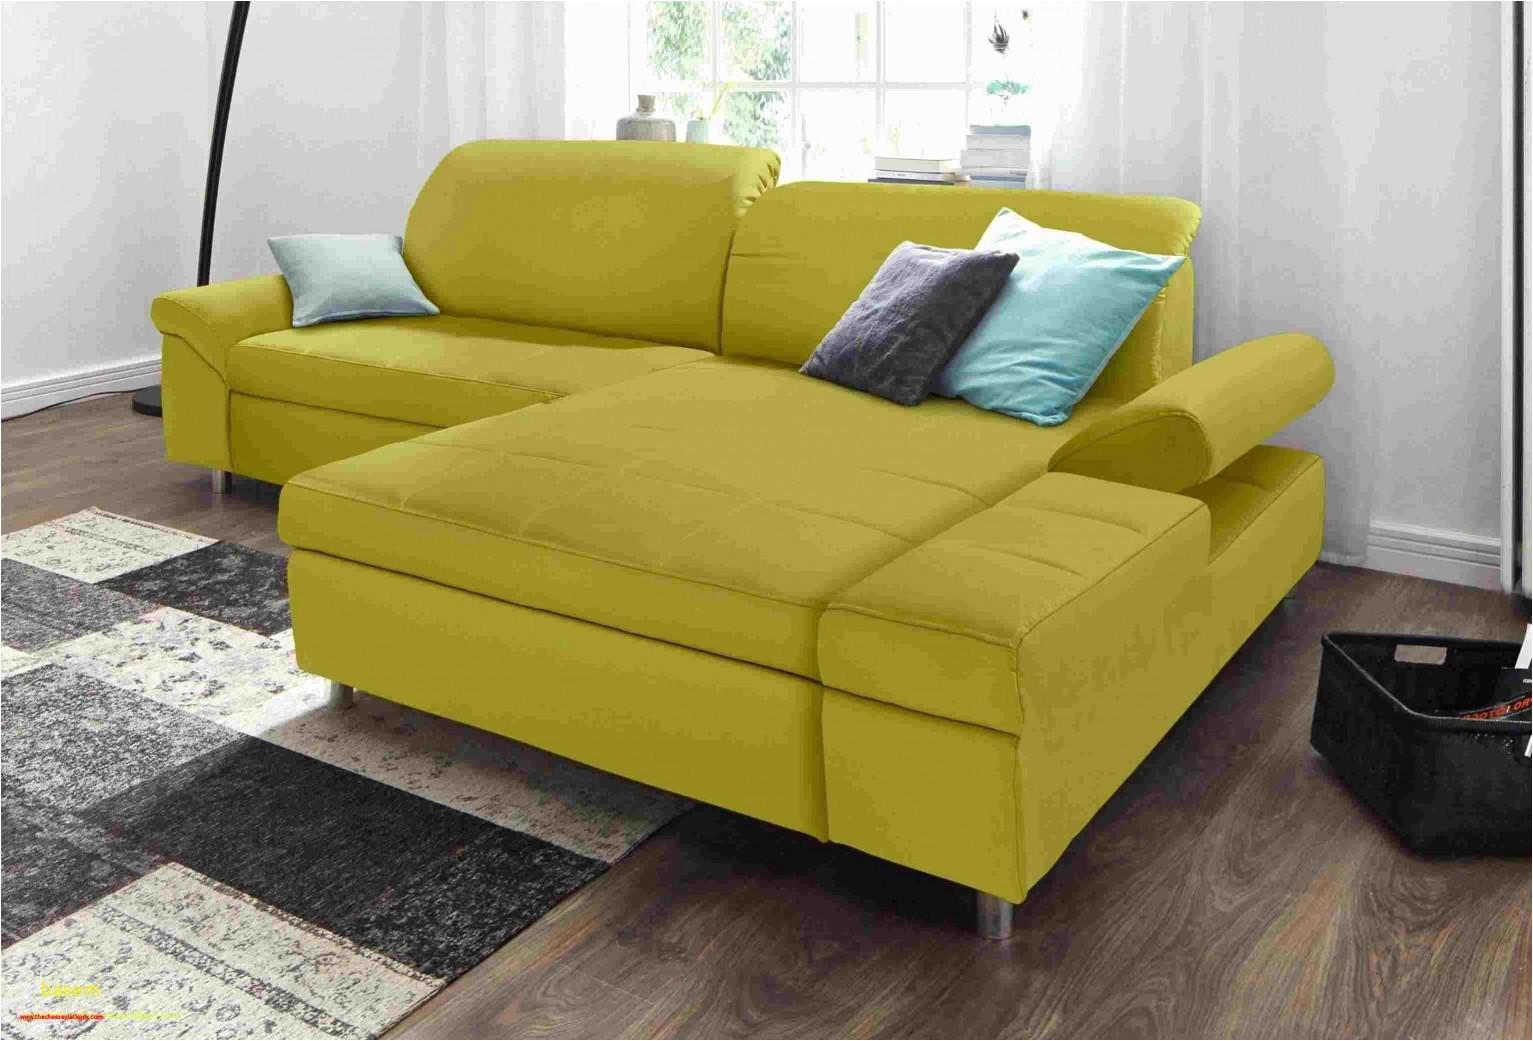 ikea schlafsofa friheten luxus 23 einzigartig sofa grau gunstig galerie bilder